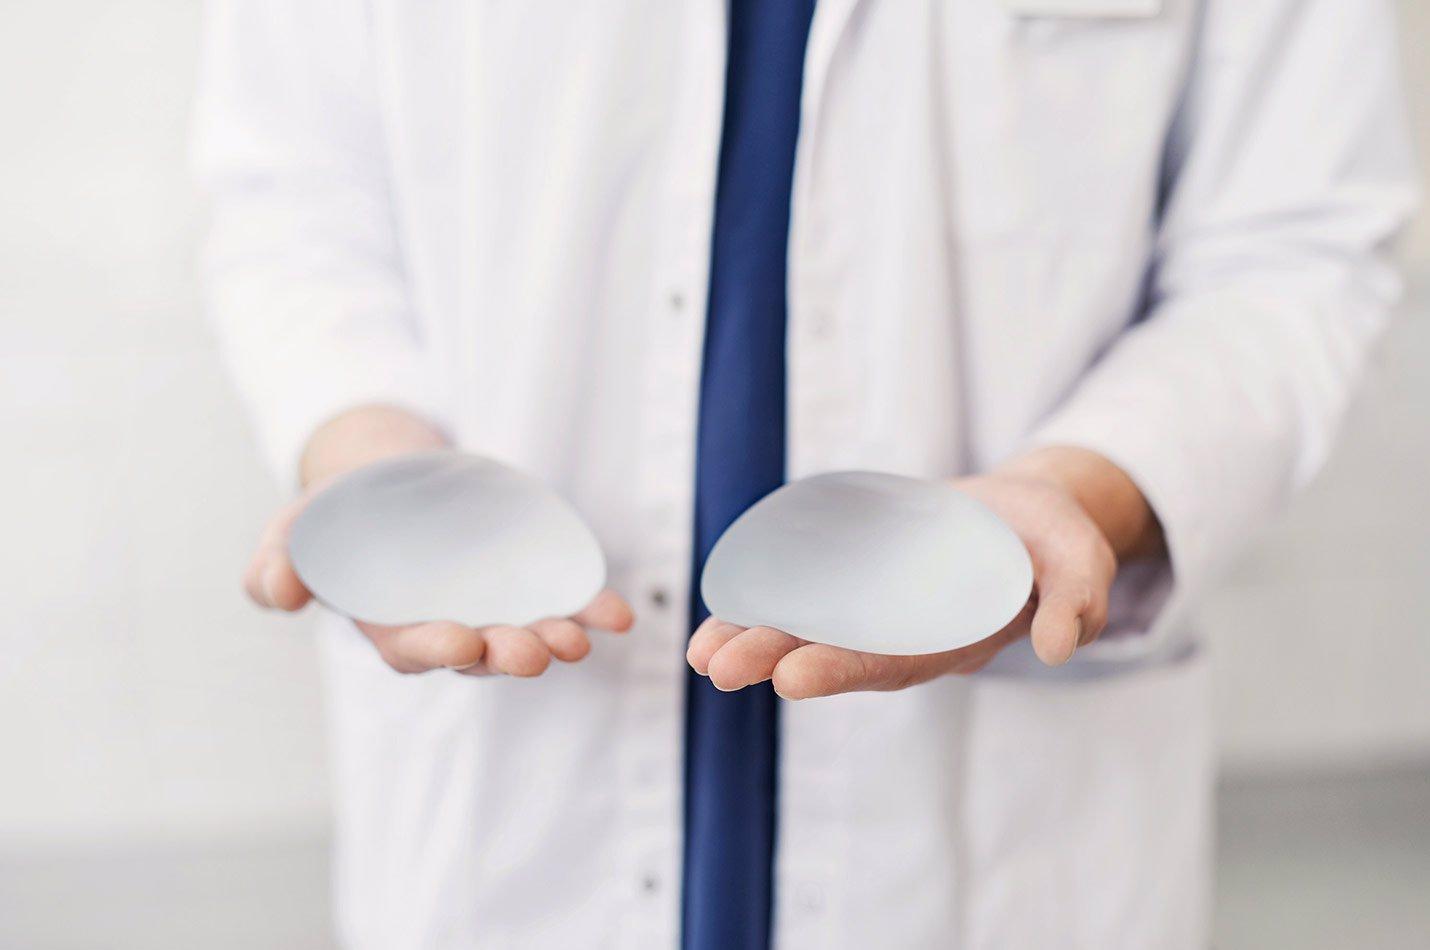 Plastikkirurg håller i Bröstimplantat till bröstförstoring